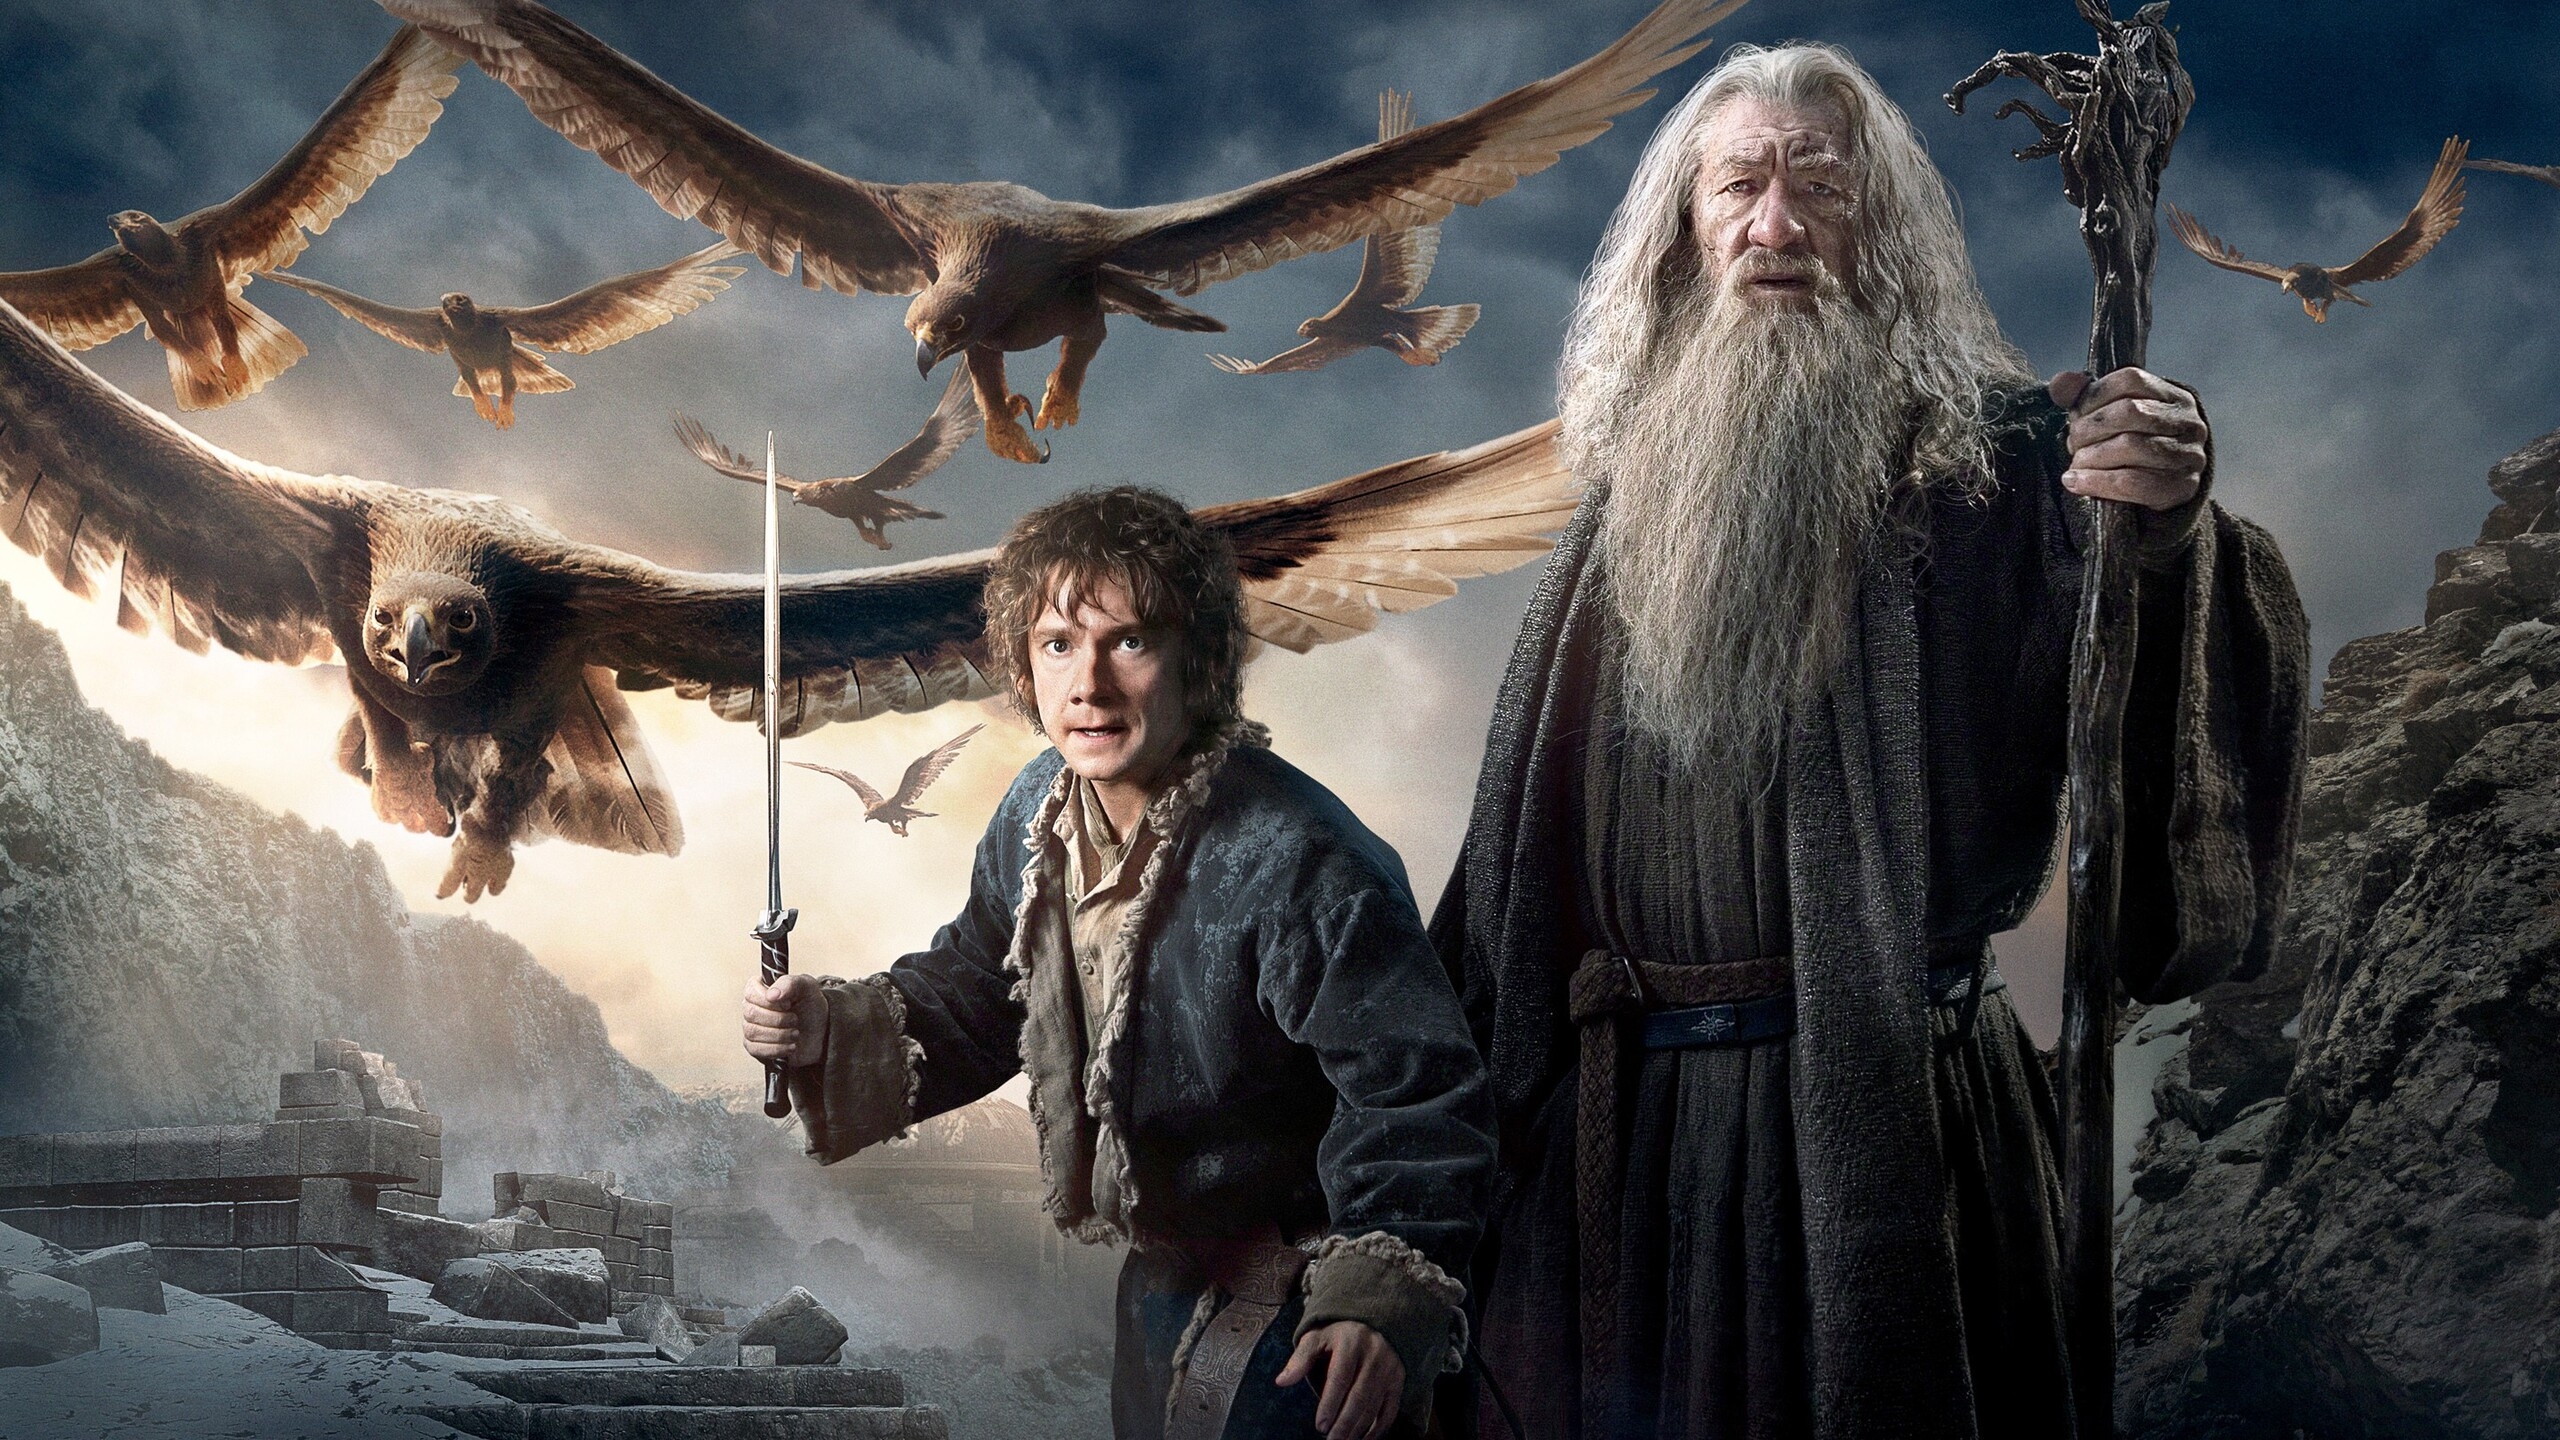 Der Hobbit 3 Stream Hd